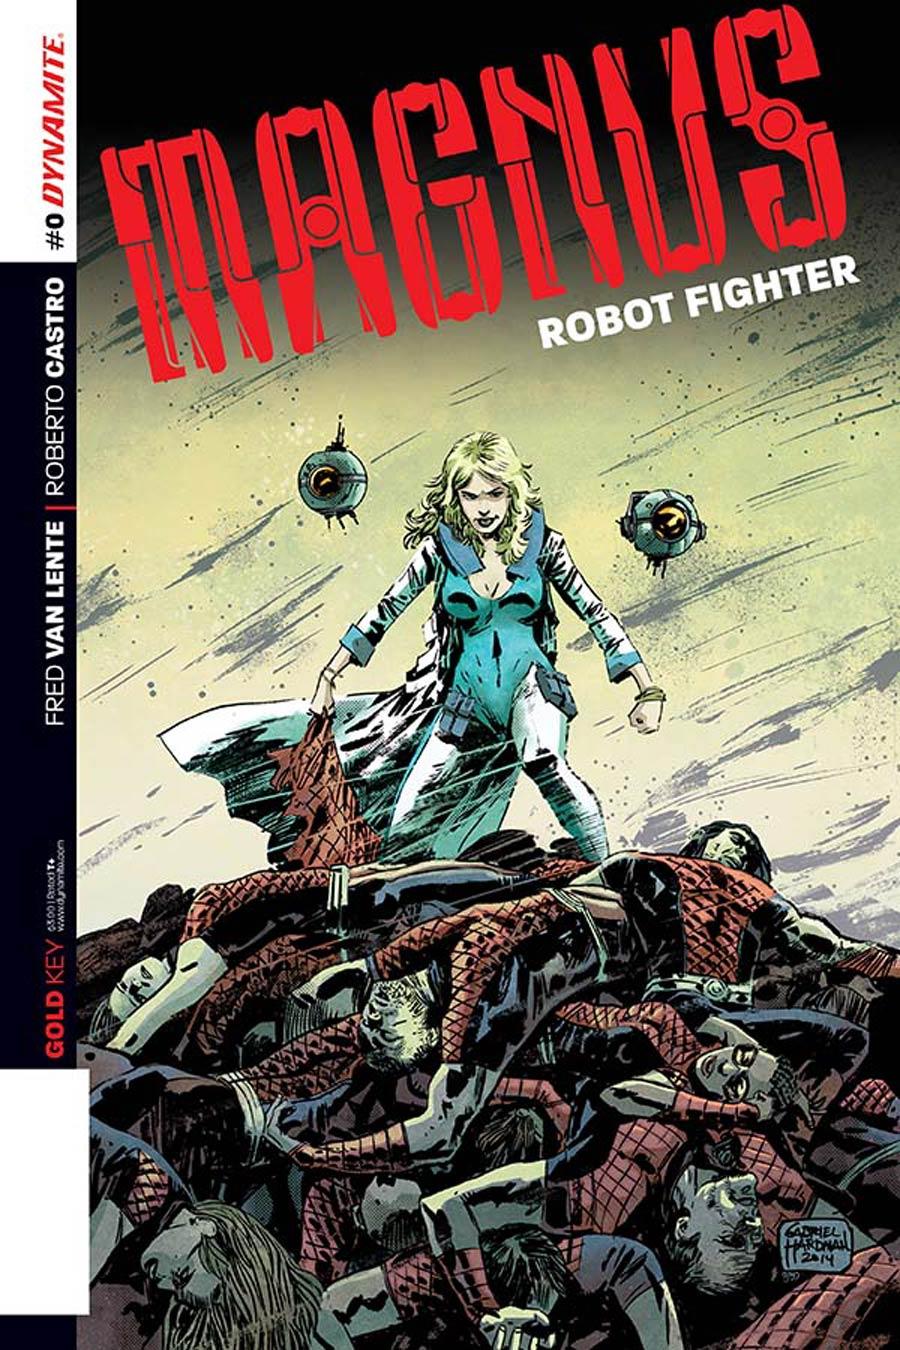 Magnus Robot Fighter Vol 4 #0 Cover A Regular Gabriel Hardman Cover